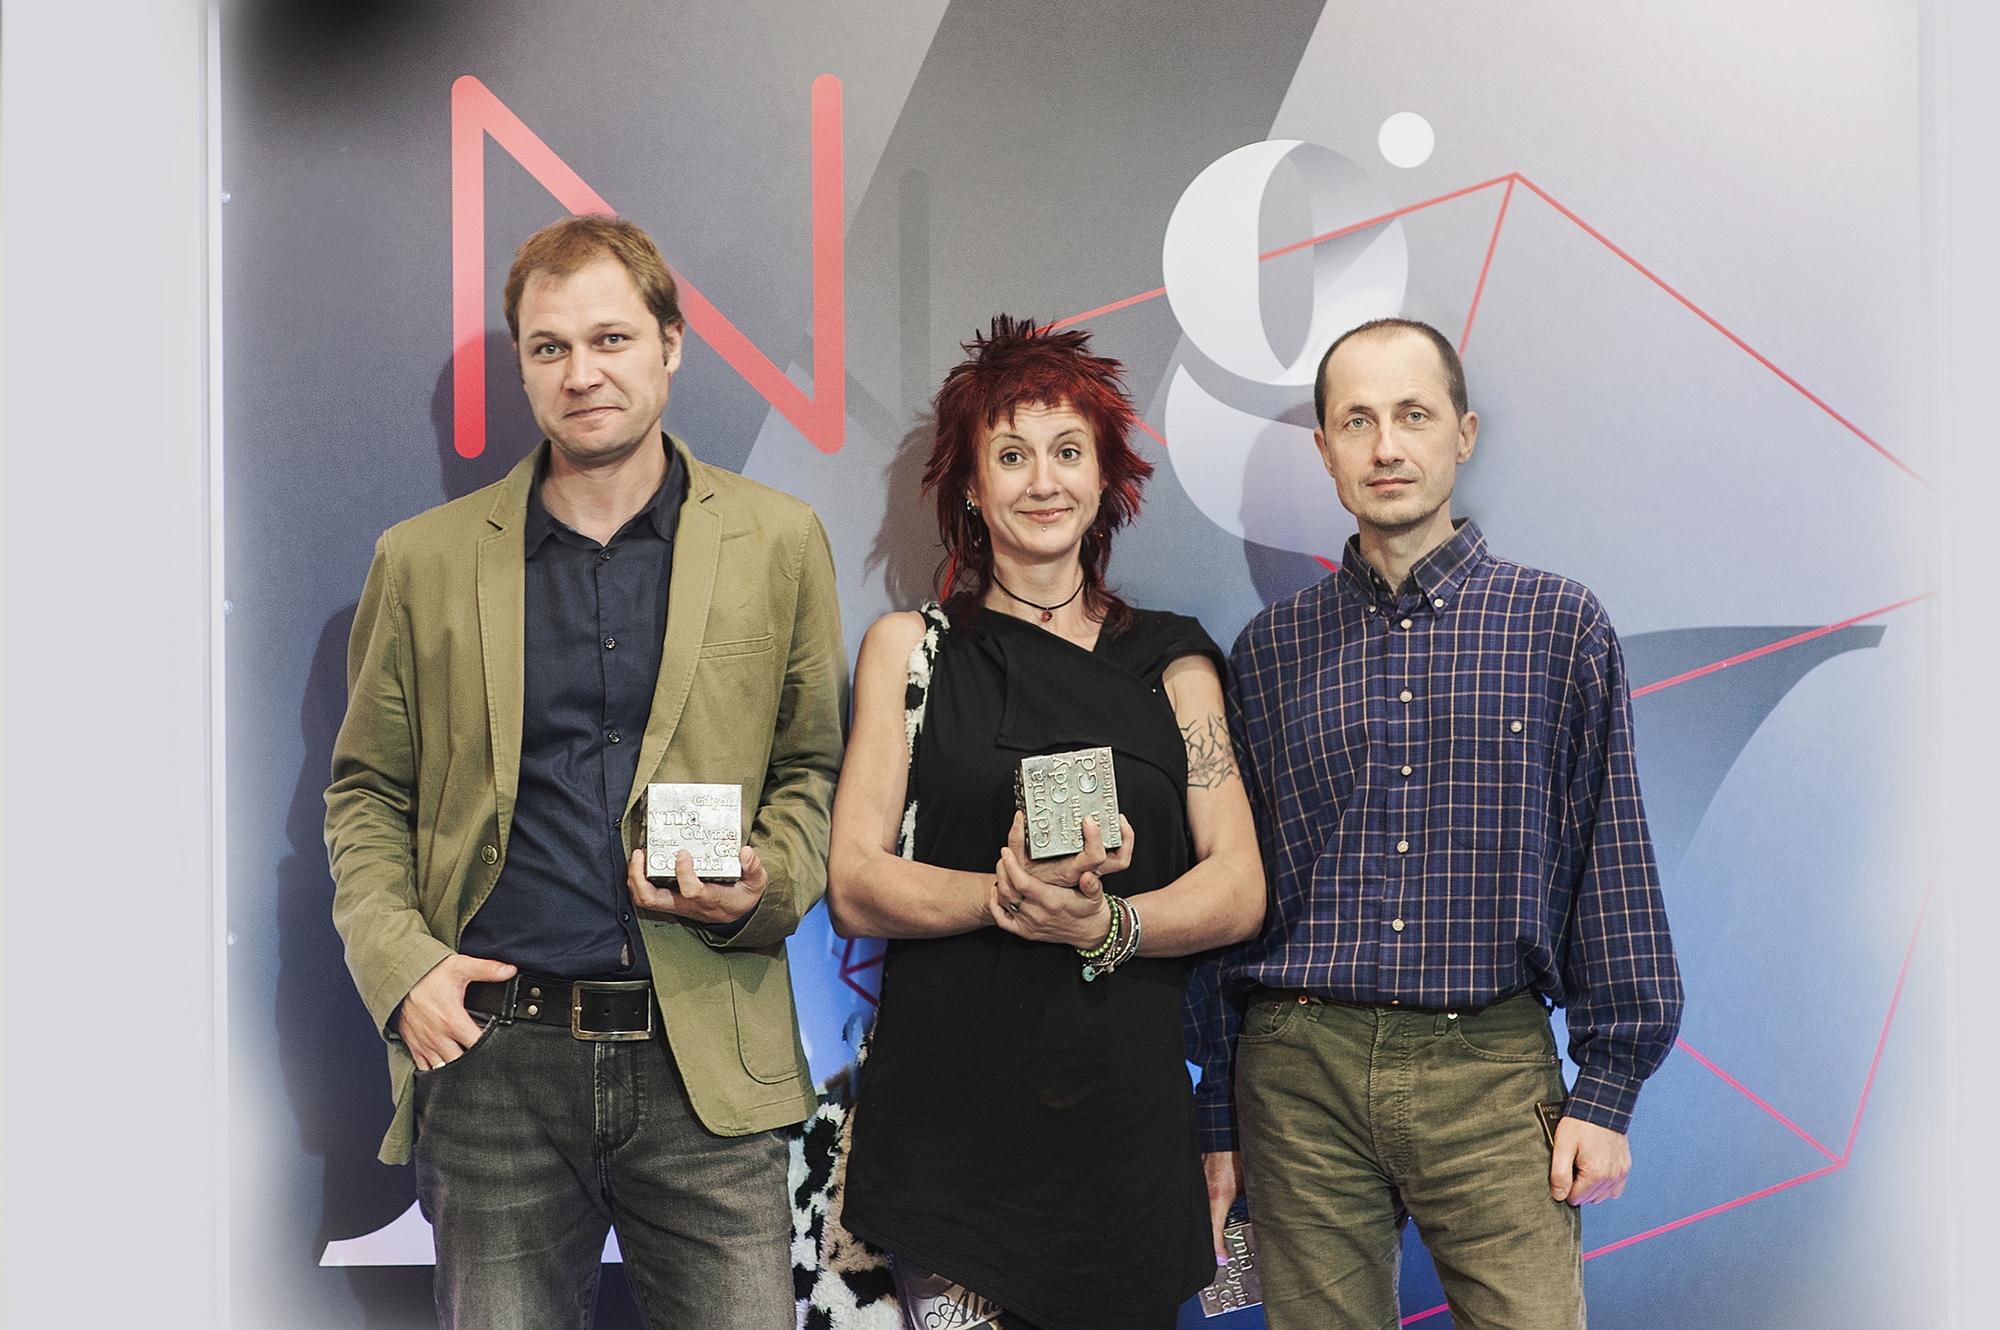 Laureaci Nagrody Literackiej Gdynia: Krzysztof Siwczyk, Salcia Hałas, Michał Sobol, fot. Bogna Kociumbas (źródło: materiały prasowe)